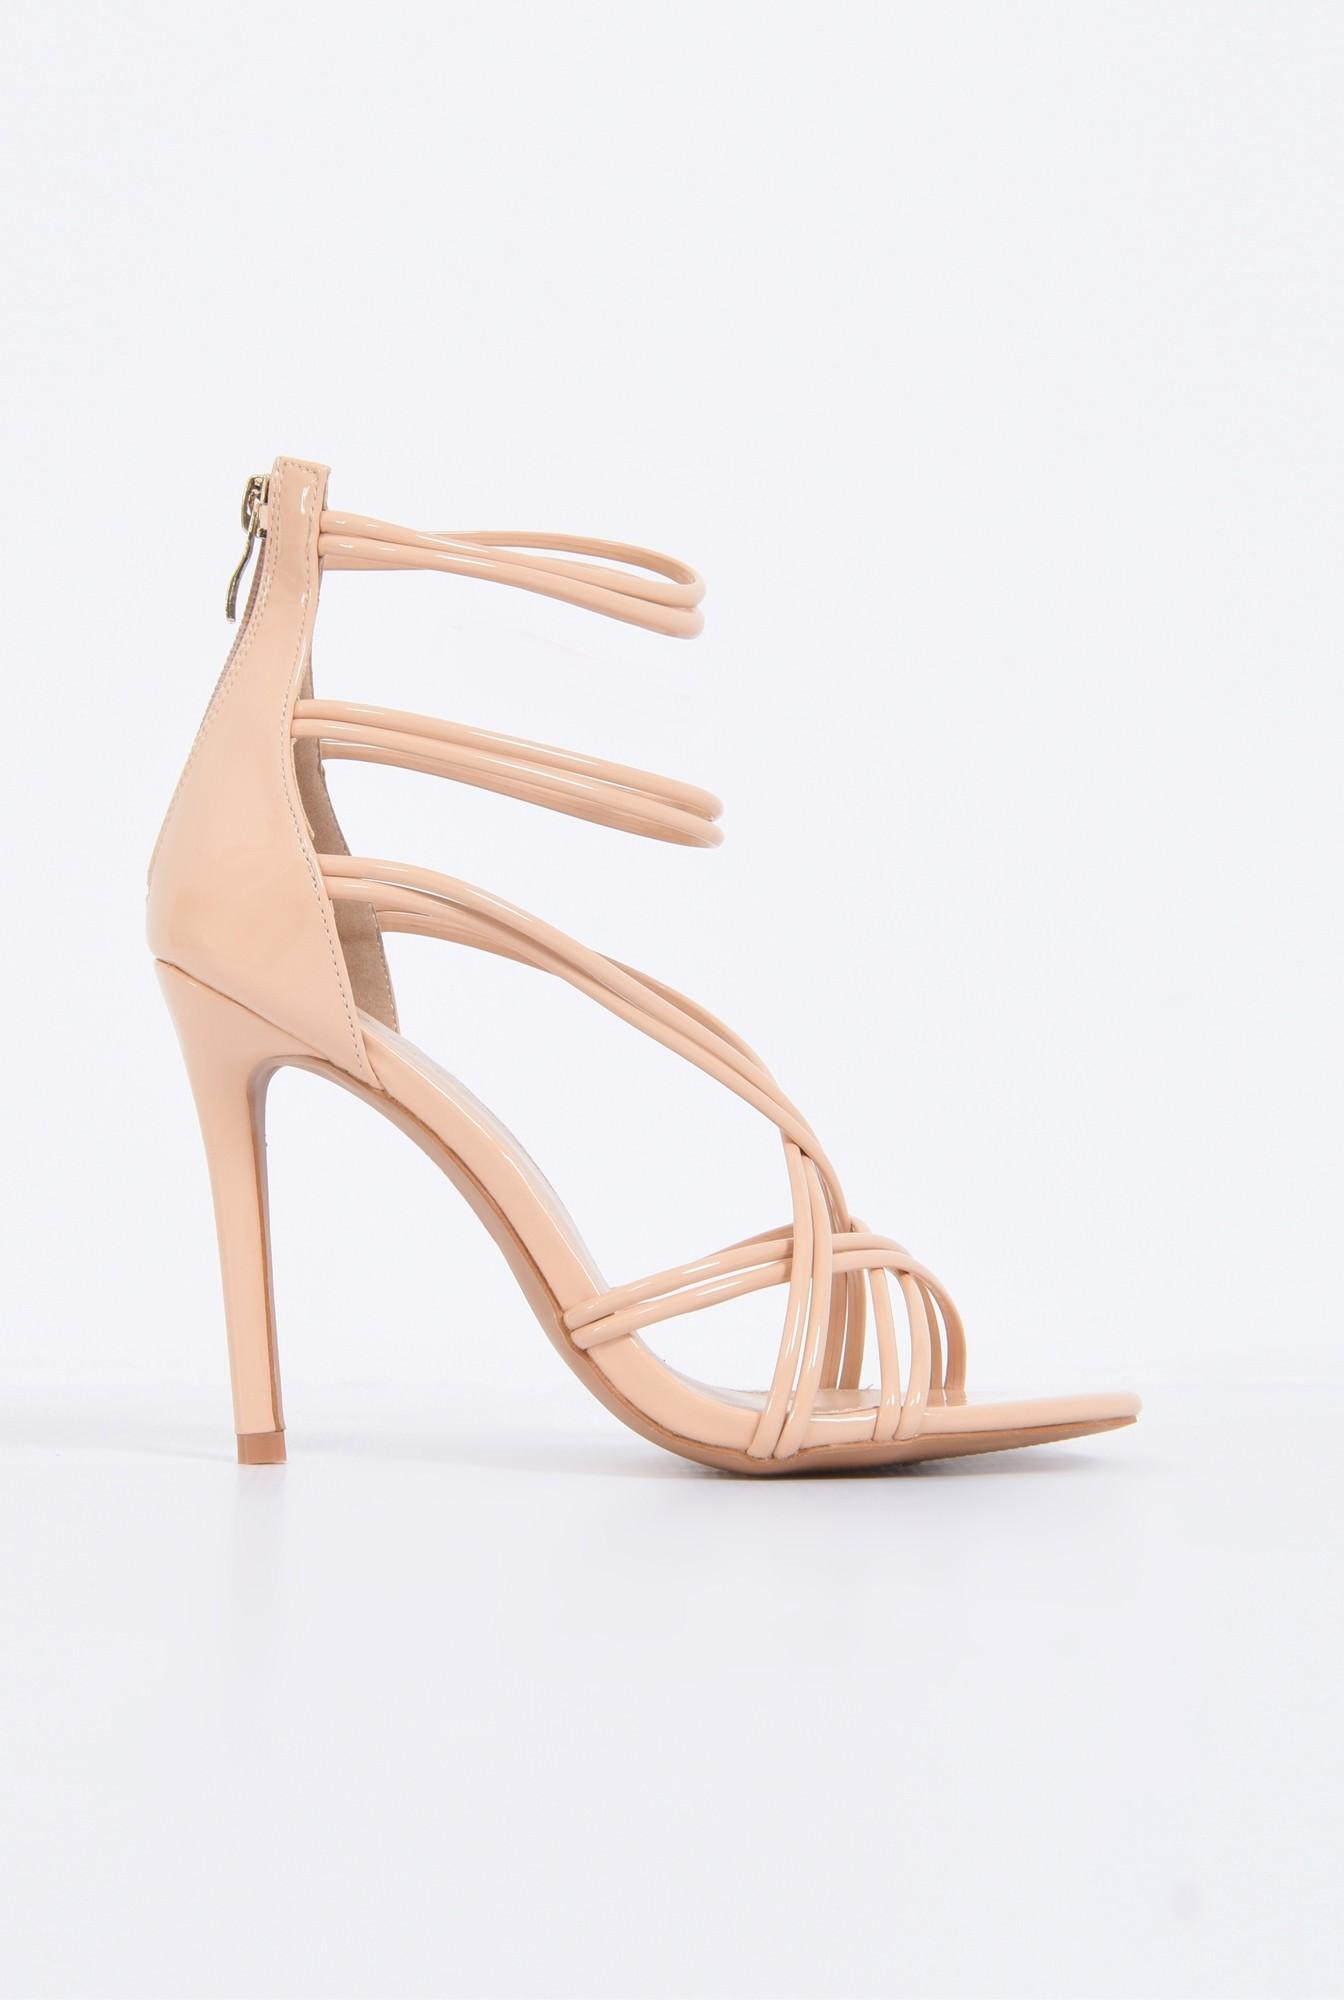 0 - sandale de ocazie, toc subtire, barete incrucisate